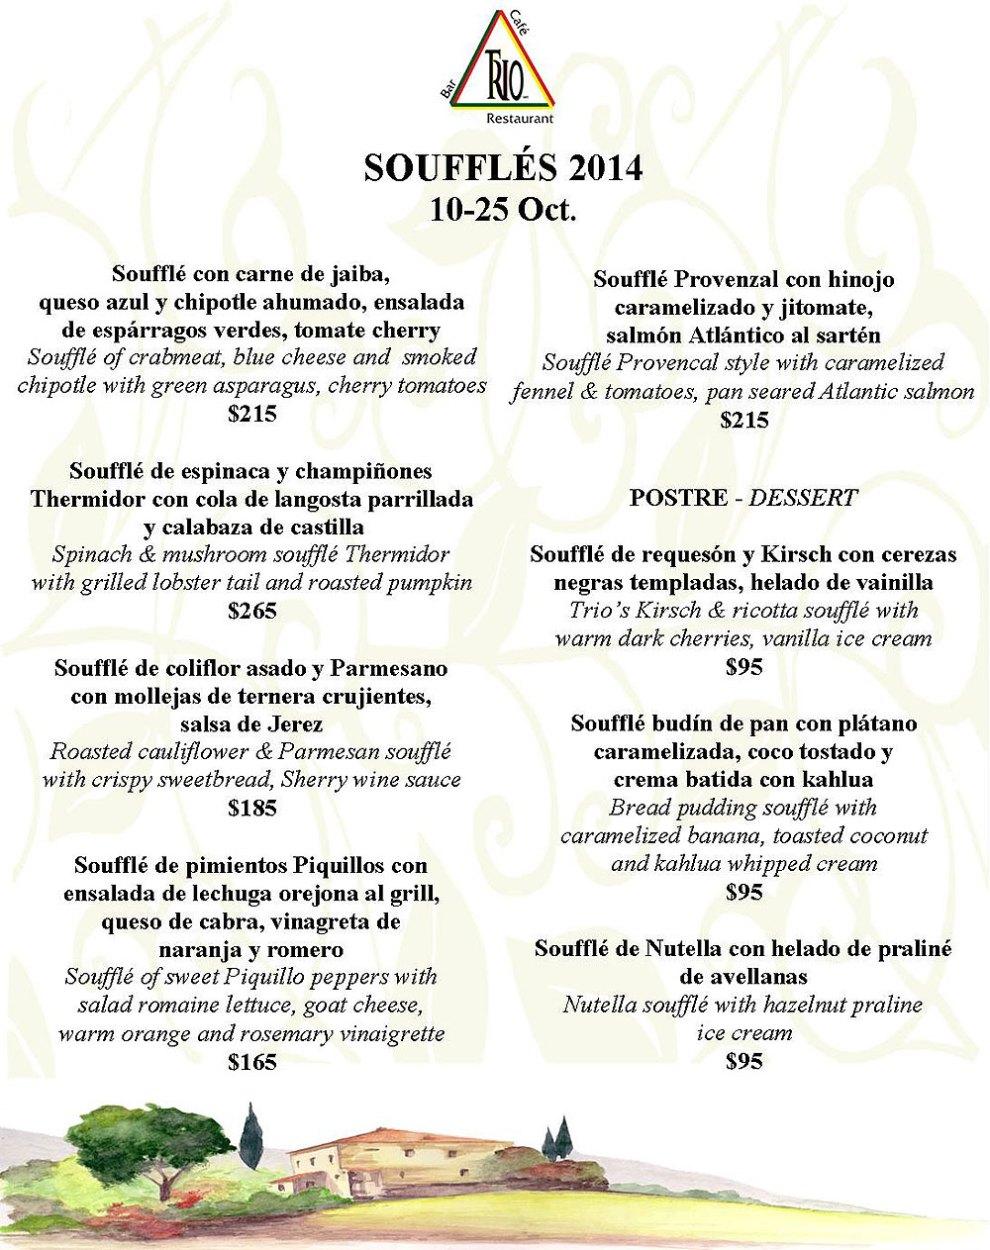 Souflles2014